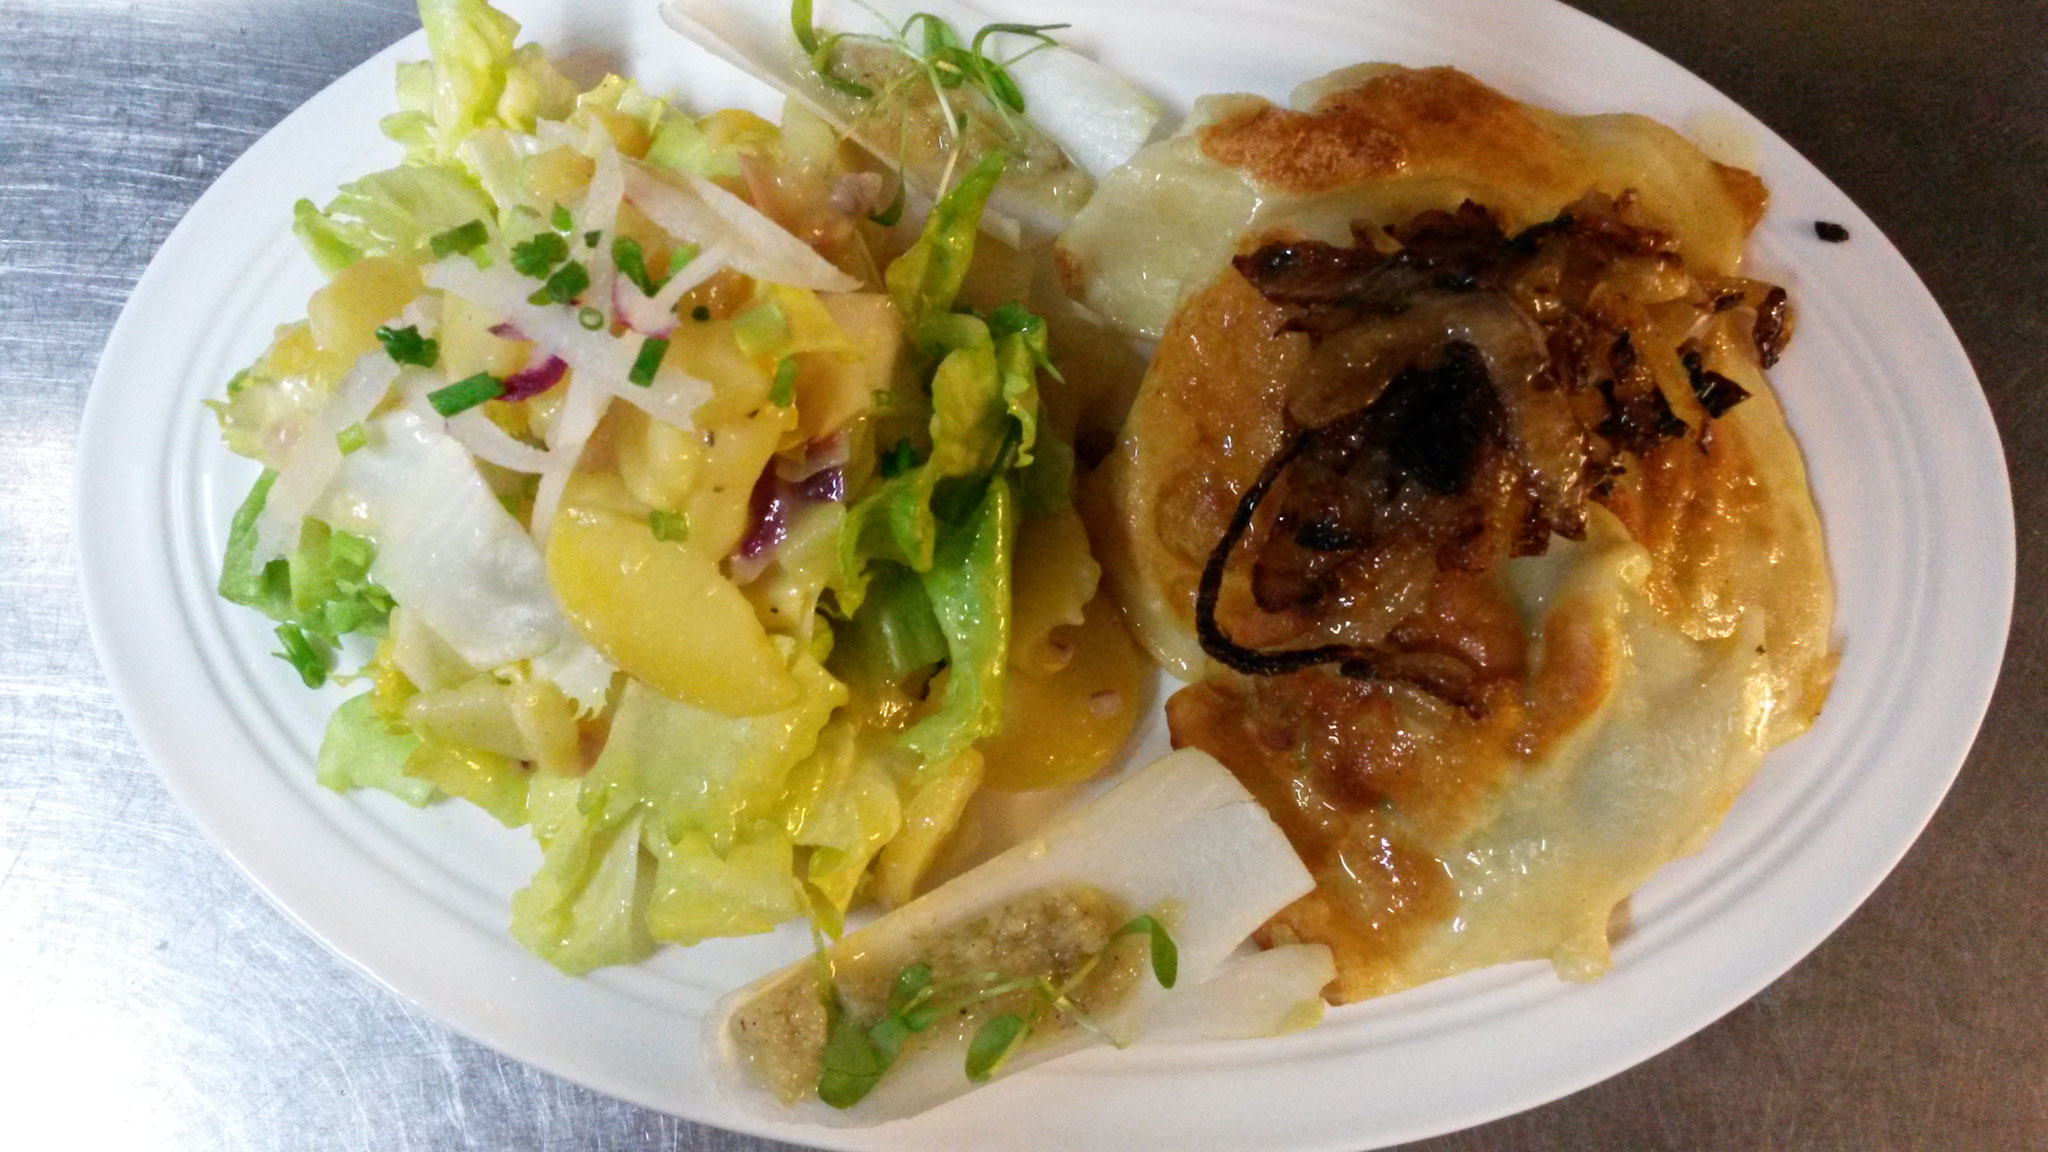 Beispiel für moderne Landküche:  abgeschmäzte Maultaschen mit Kartoffelsalat